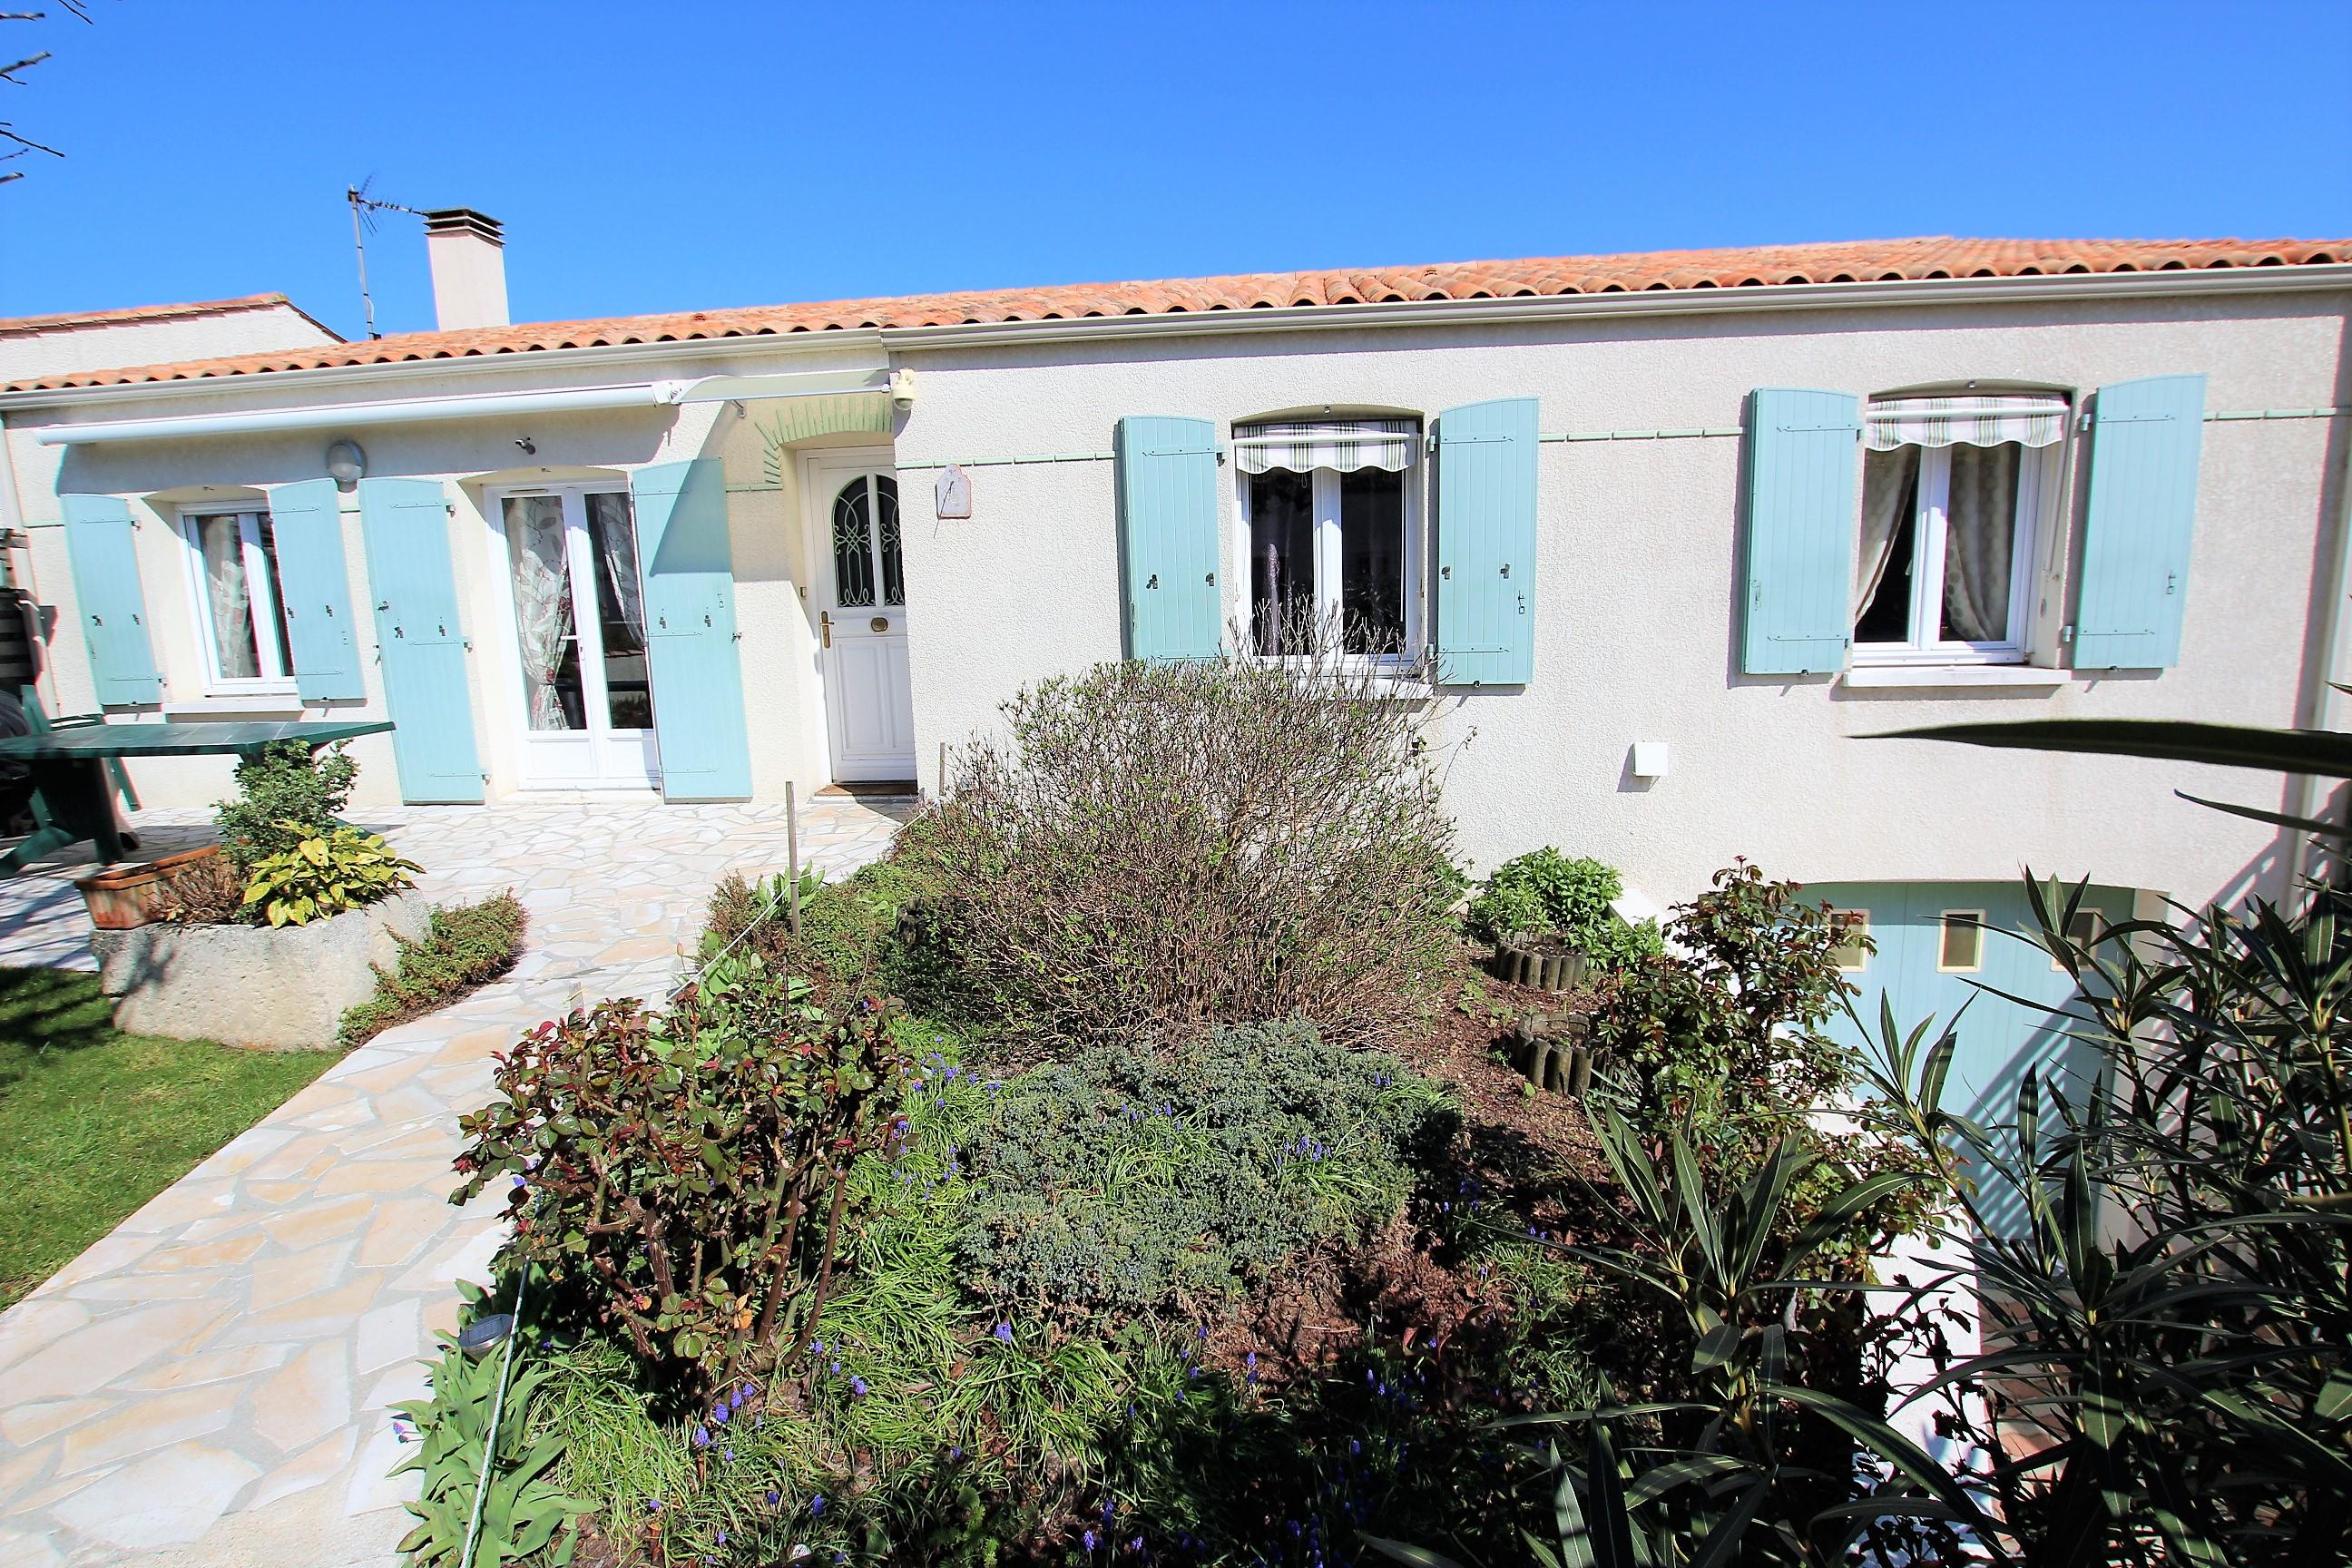 Achat Maison : La Rochelle - Maison de plain pied (8 La